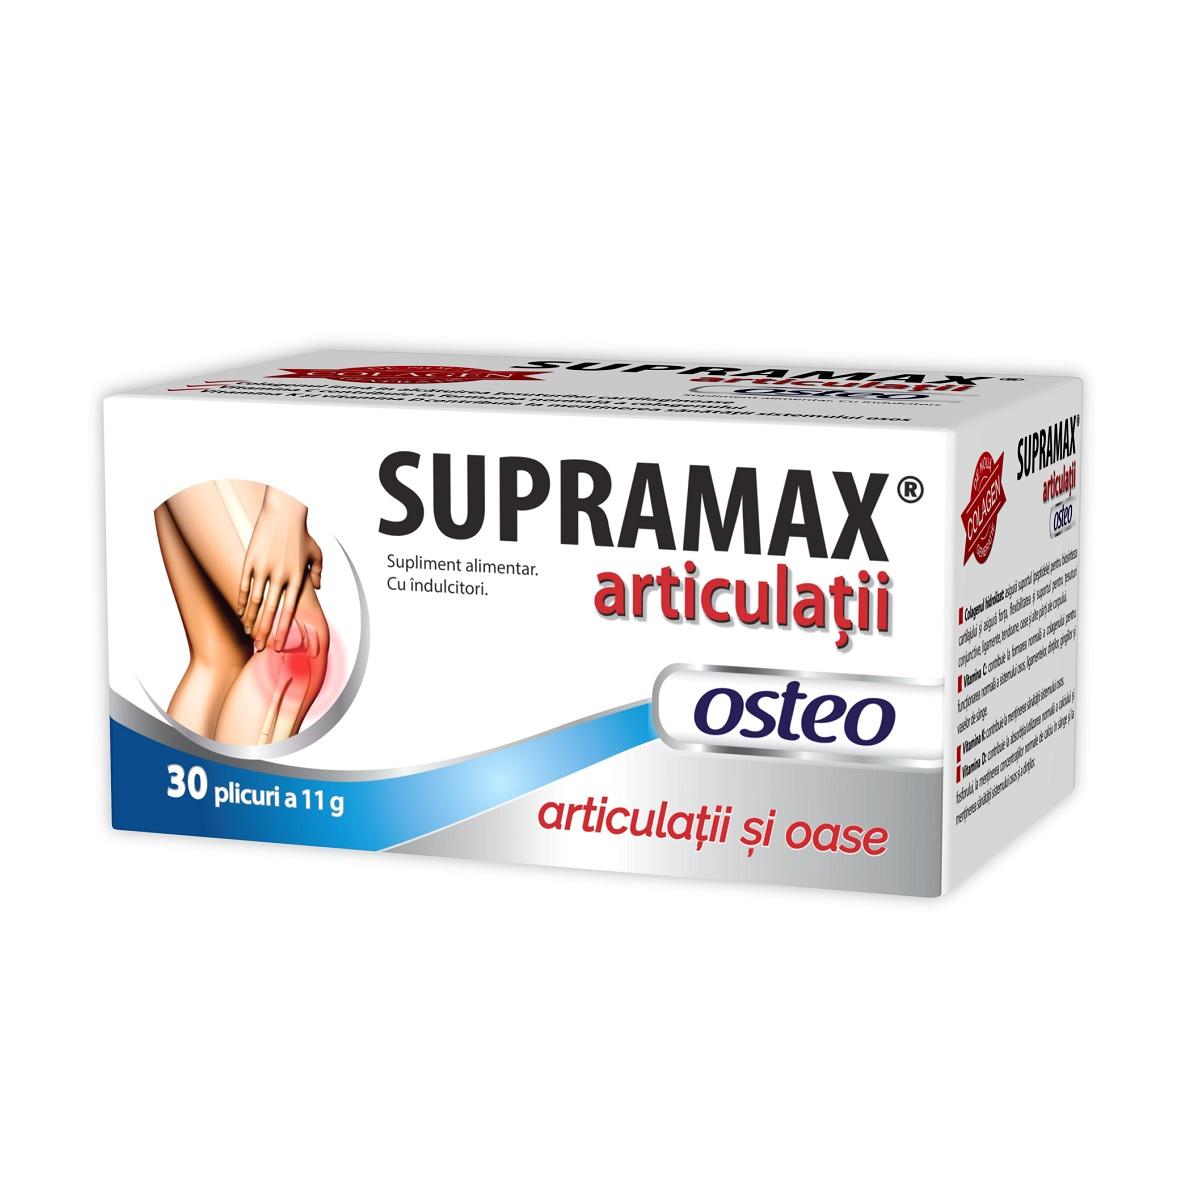 medicament pentru articulații și oase pentru a cumpăra)